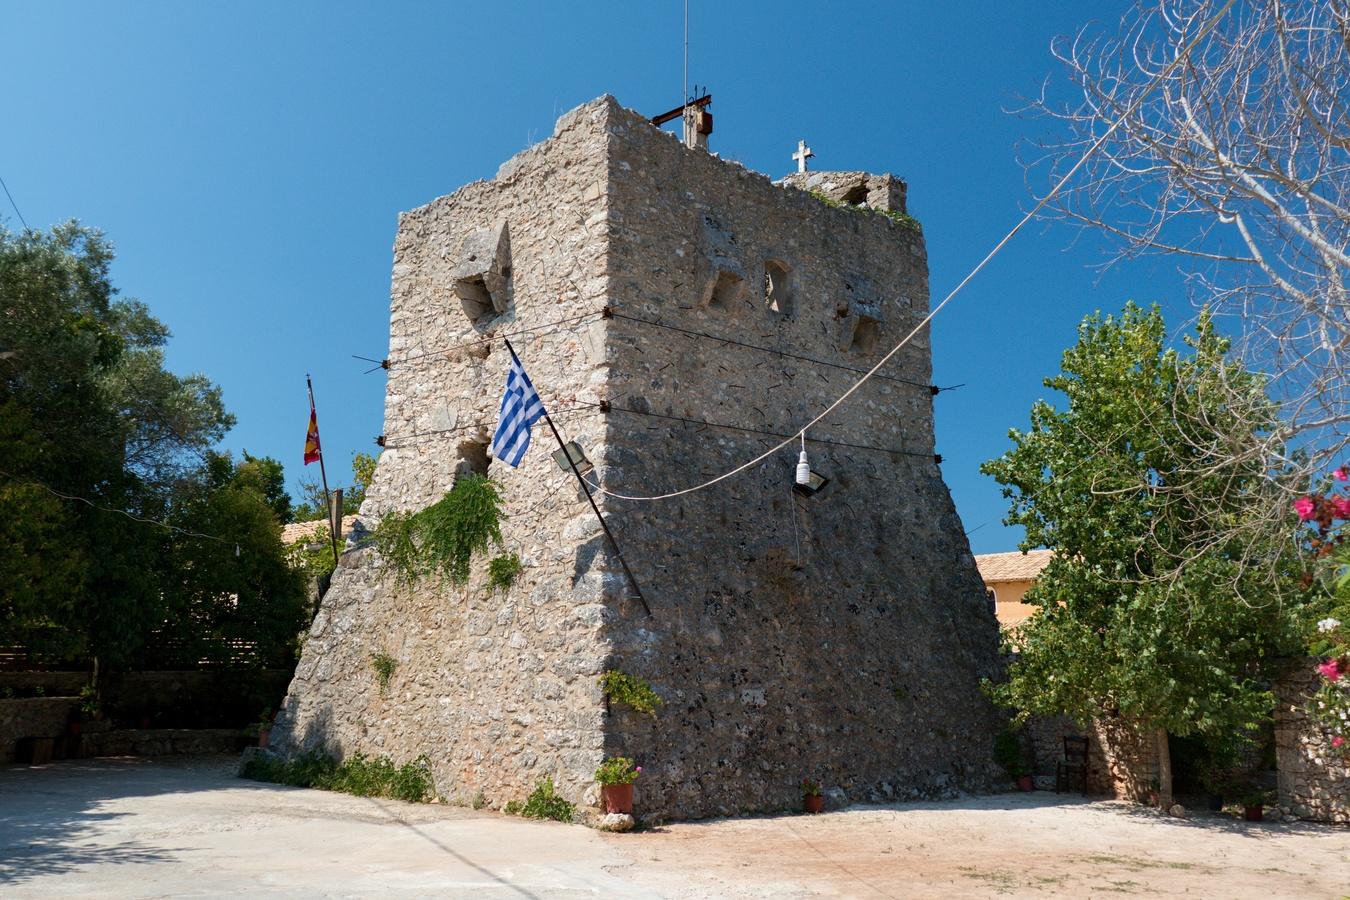 Obranná klášterní věž